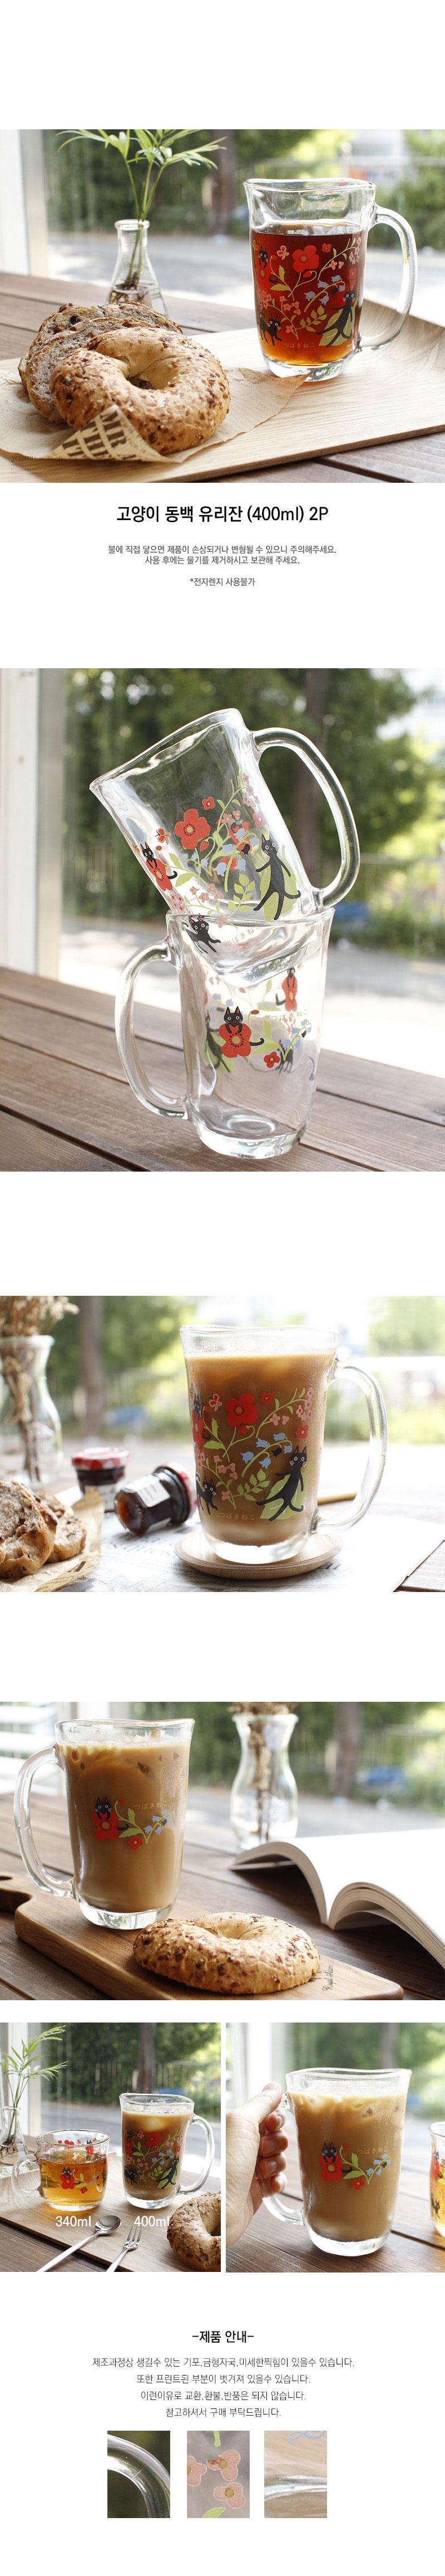 동백 고양이 유리 머그잔 (400ml) 2P- annahouse - 안나하우스, 13,000원, 머그컵, 패턴머그